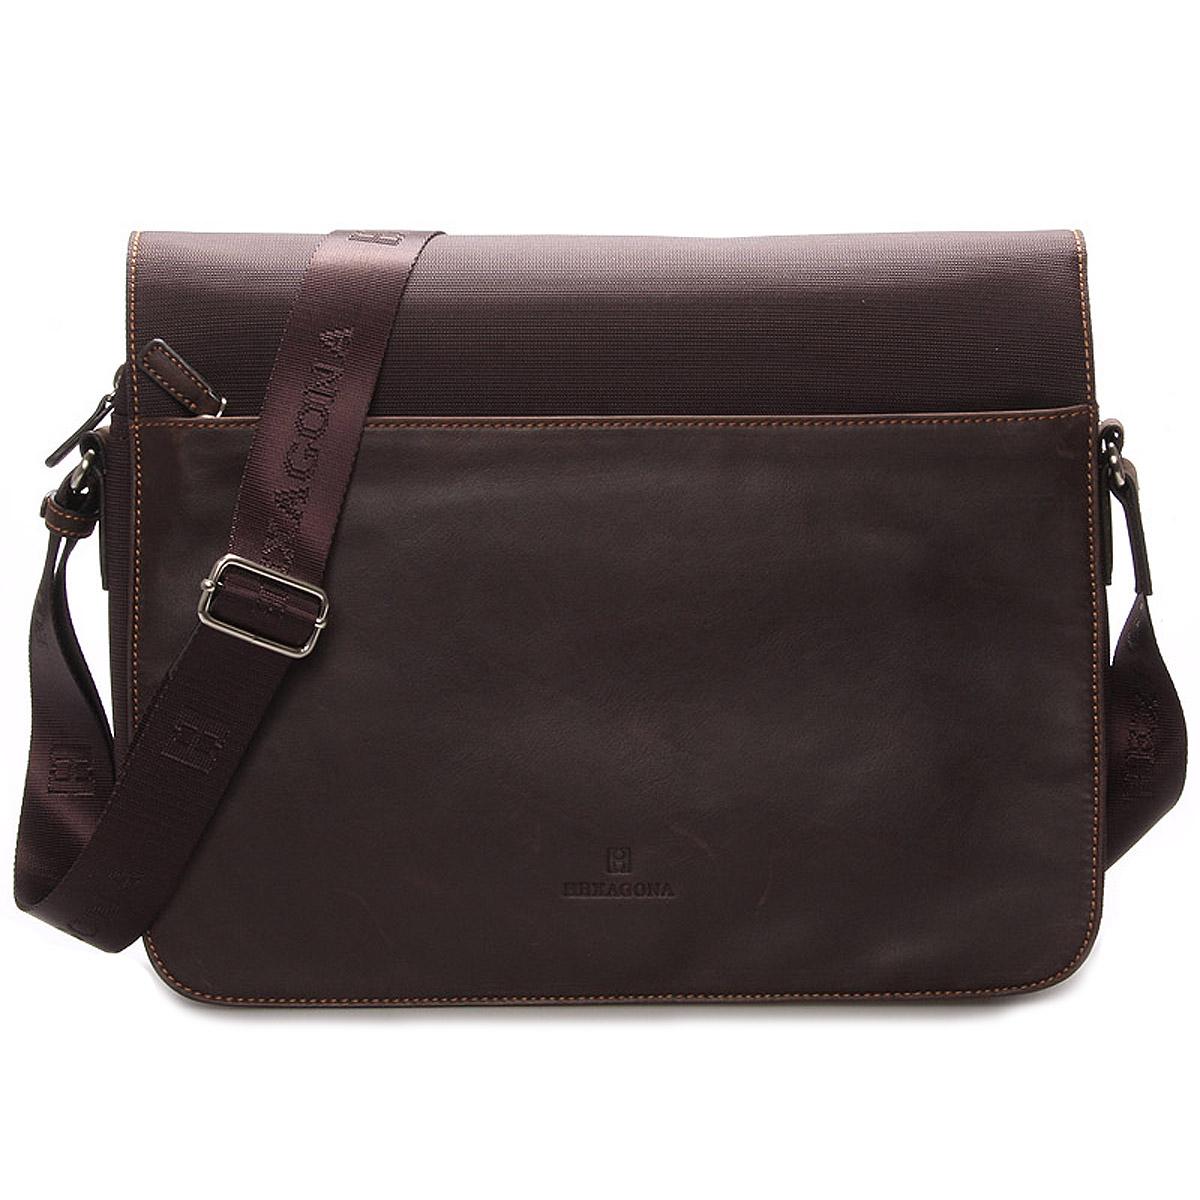 Pánska kožená taška hnedá - Hexagona Tavin